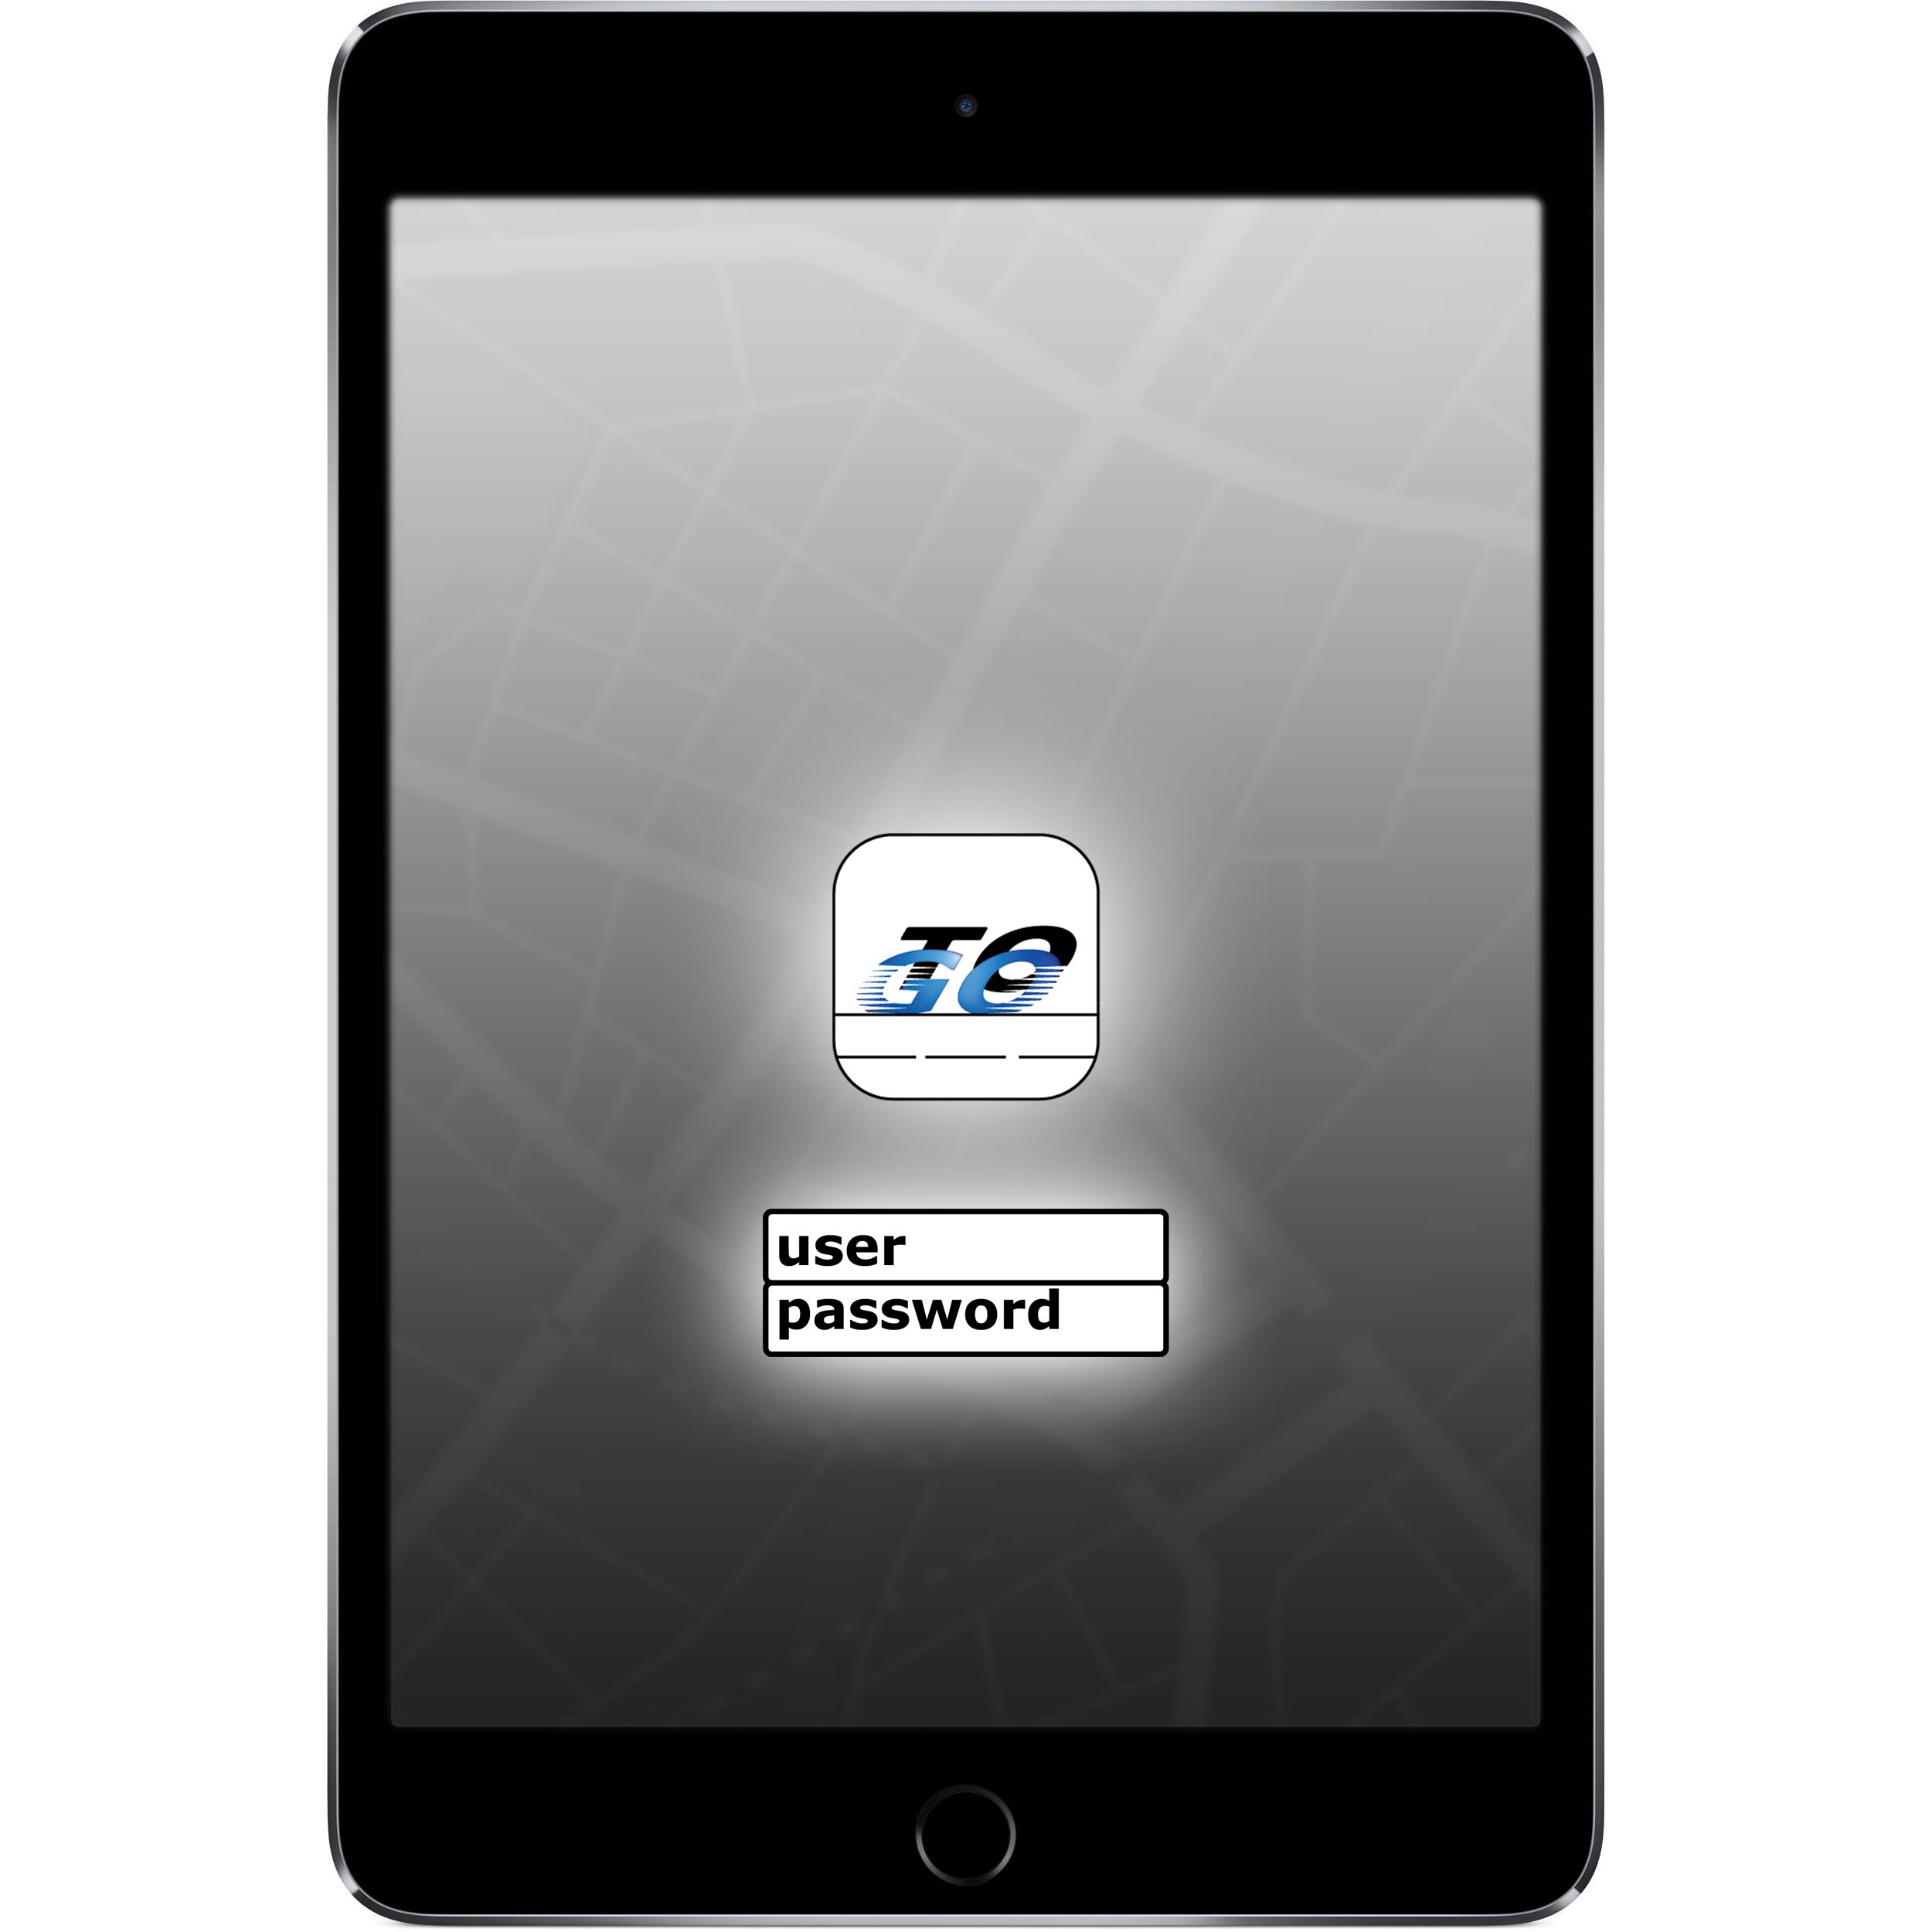 Разработать логотип и экран загрузки приложения фото f_3225a9d701cd98db.png